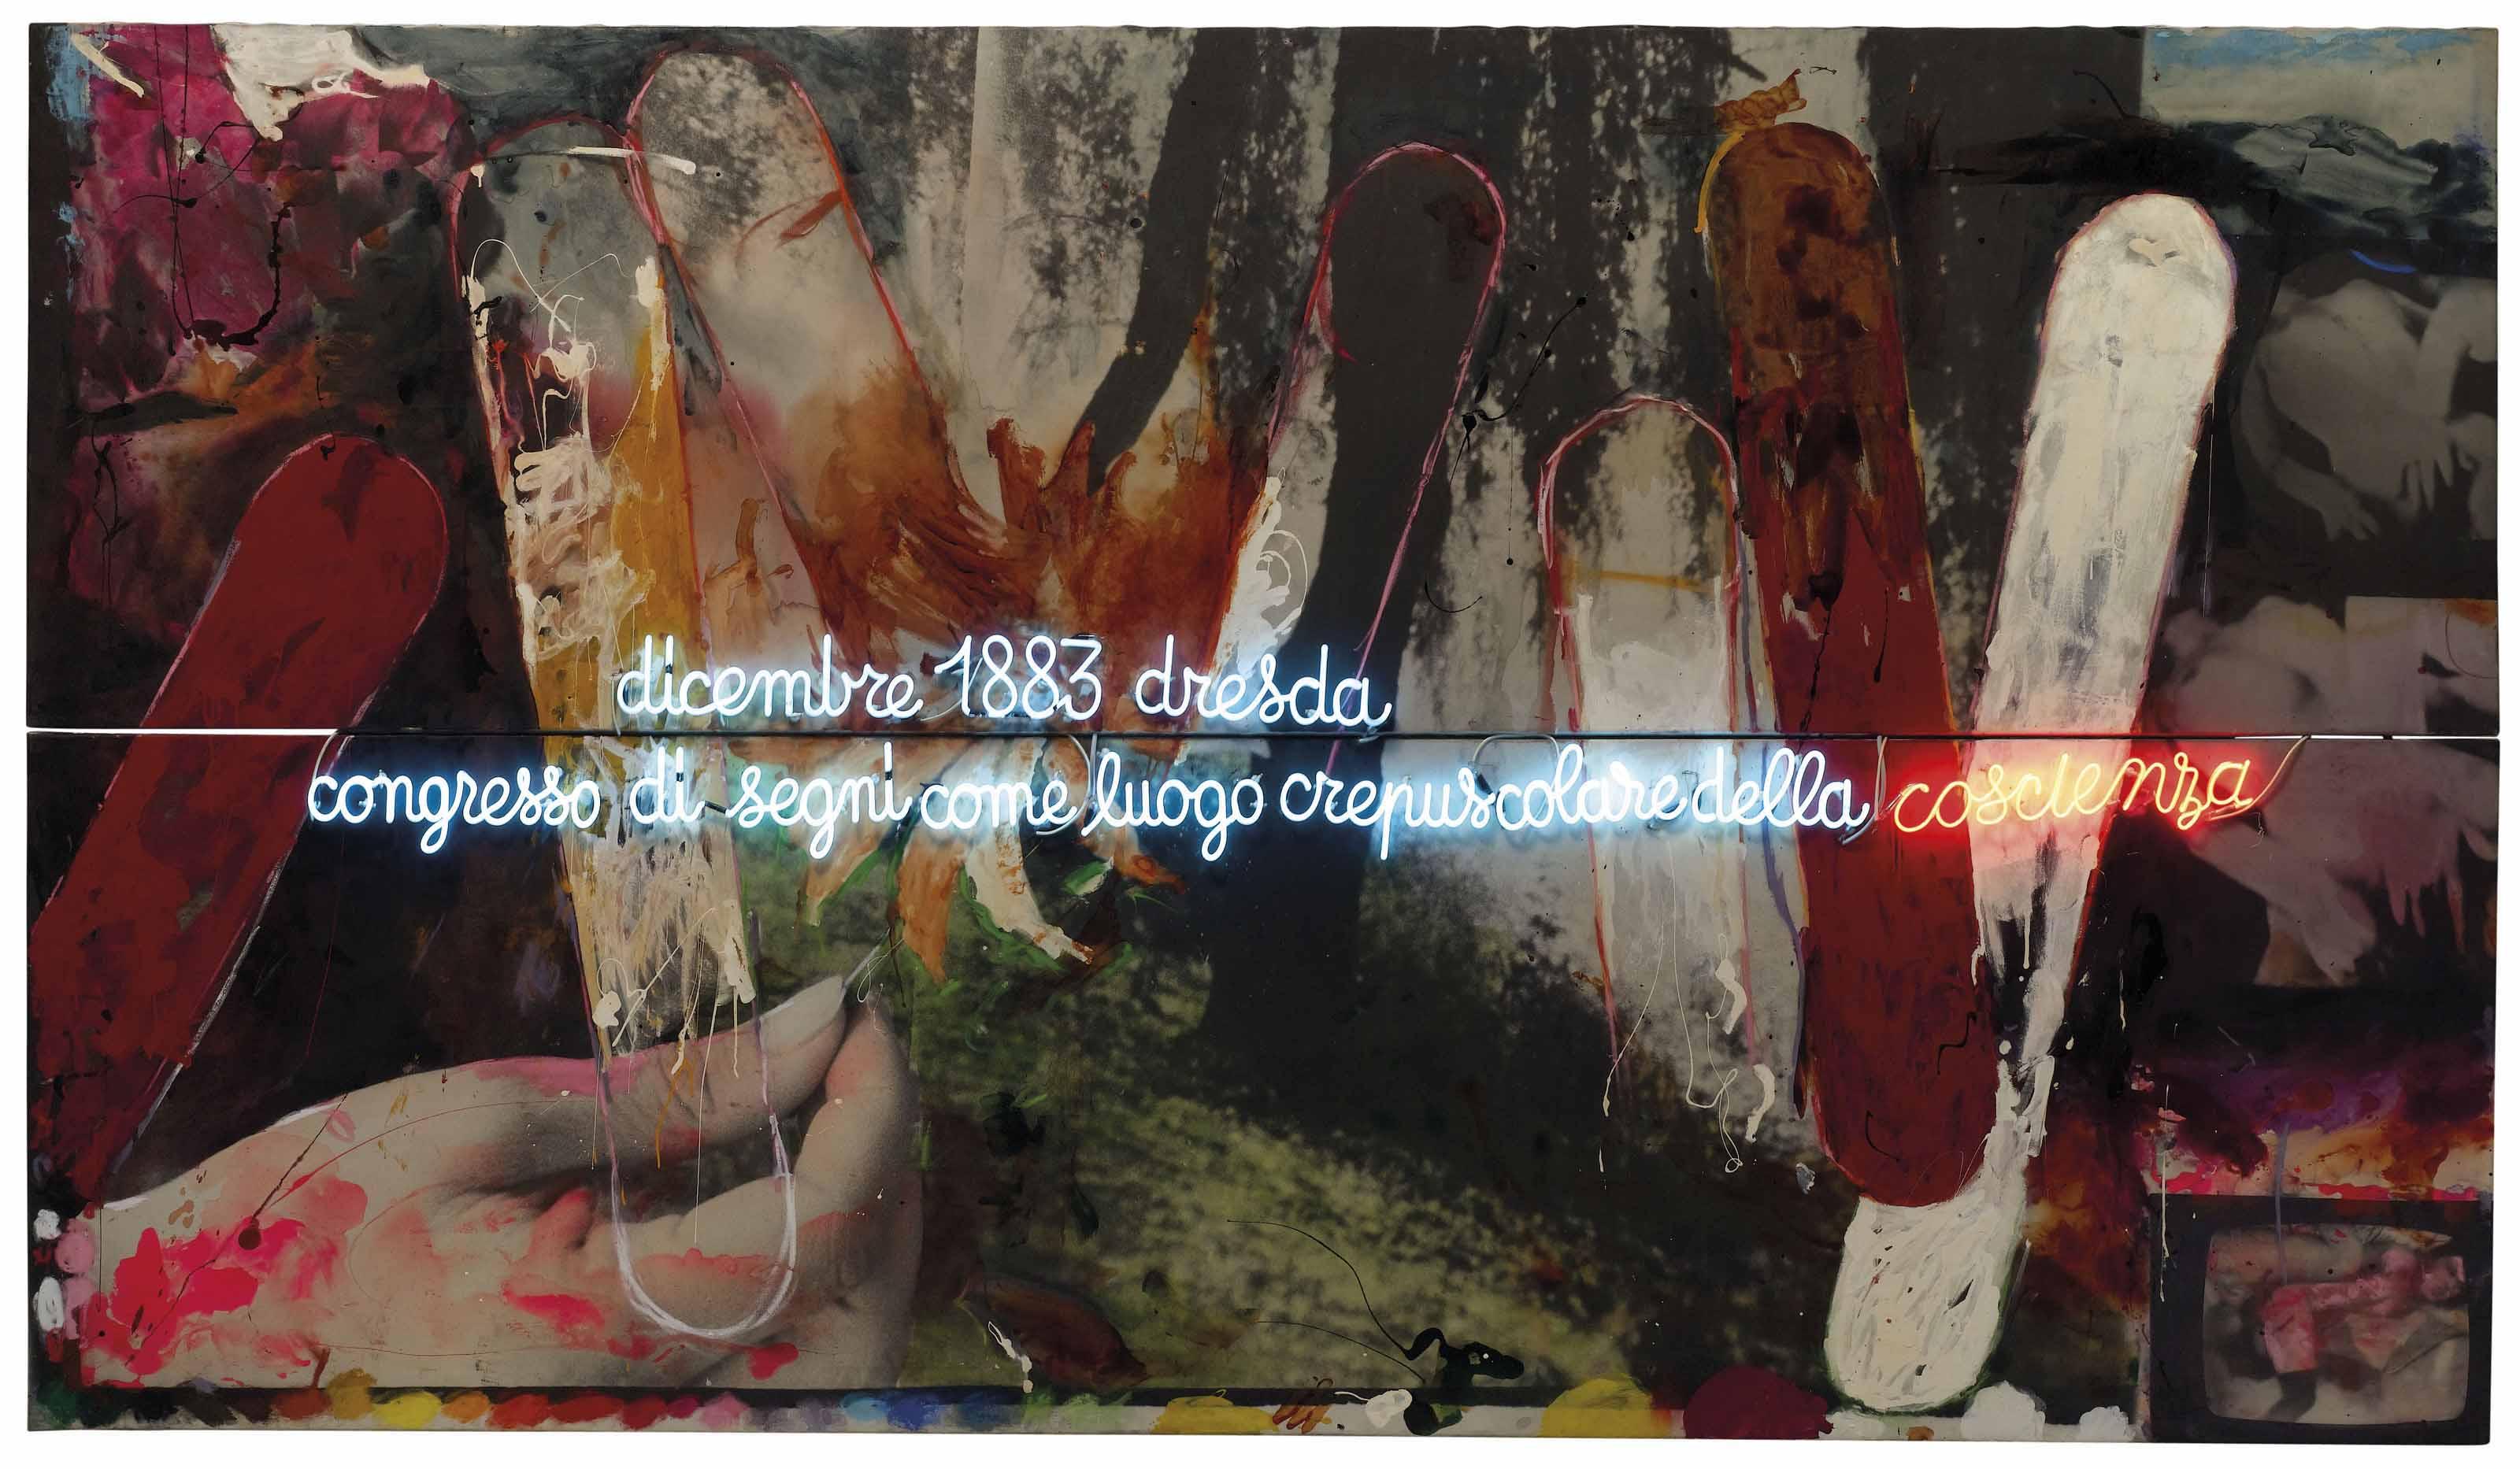 Da Freud al Mandrax: ultimo congresso 1972